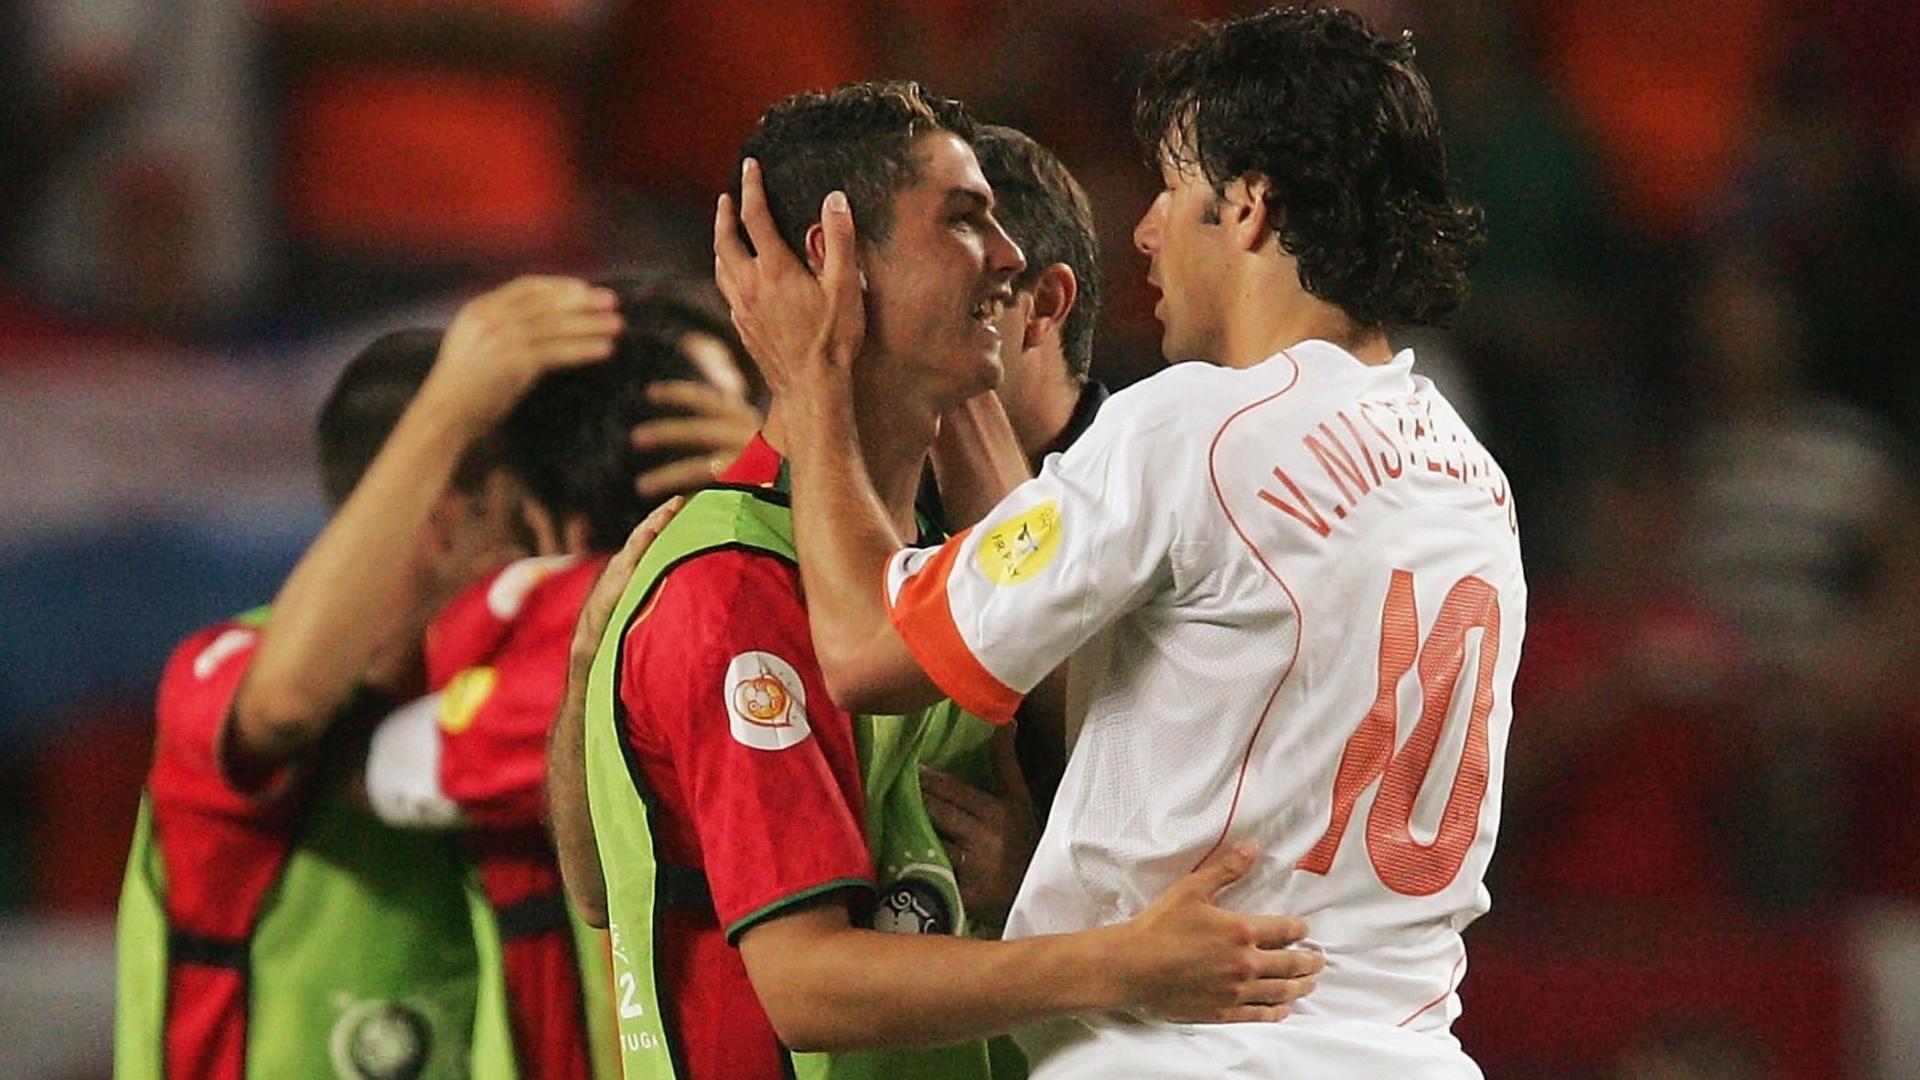 Cristiano Ronaldo é cumprimentado pelo holandês Ruud Van Nistelrooy após jogo entre Portugal e Holanda na Euro-2004